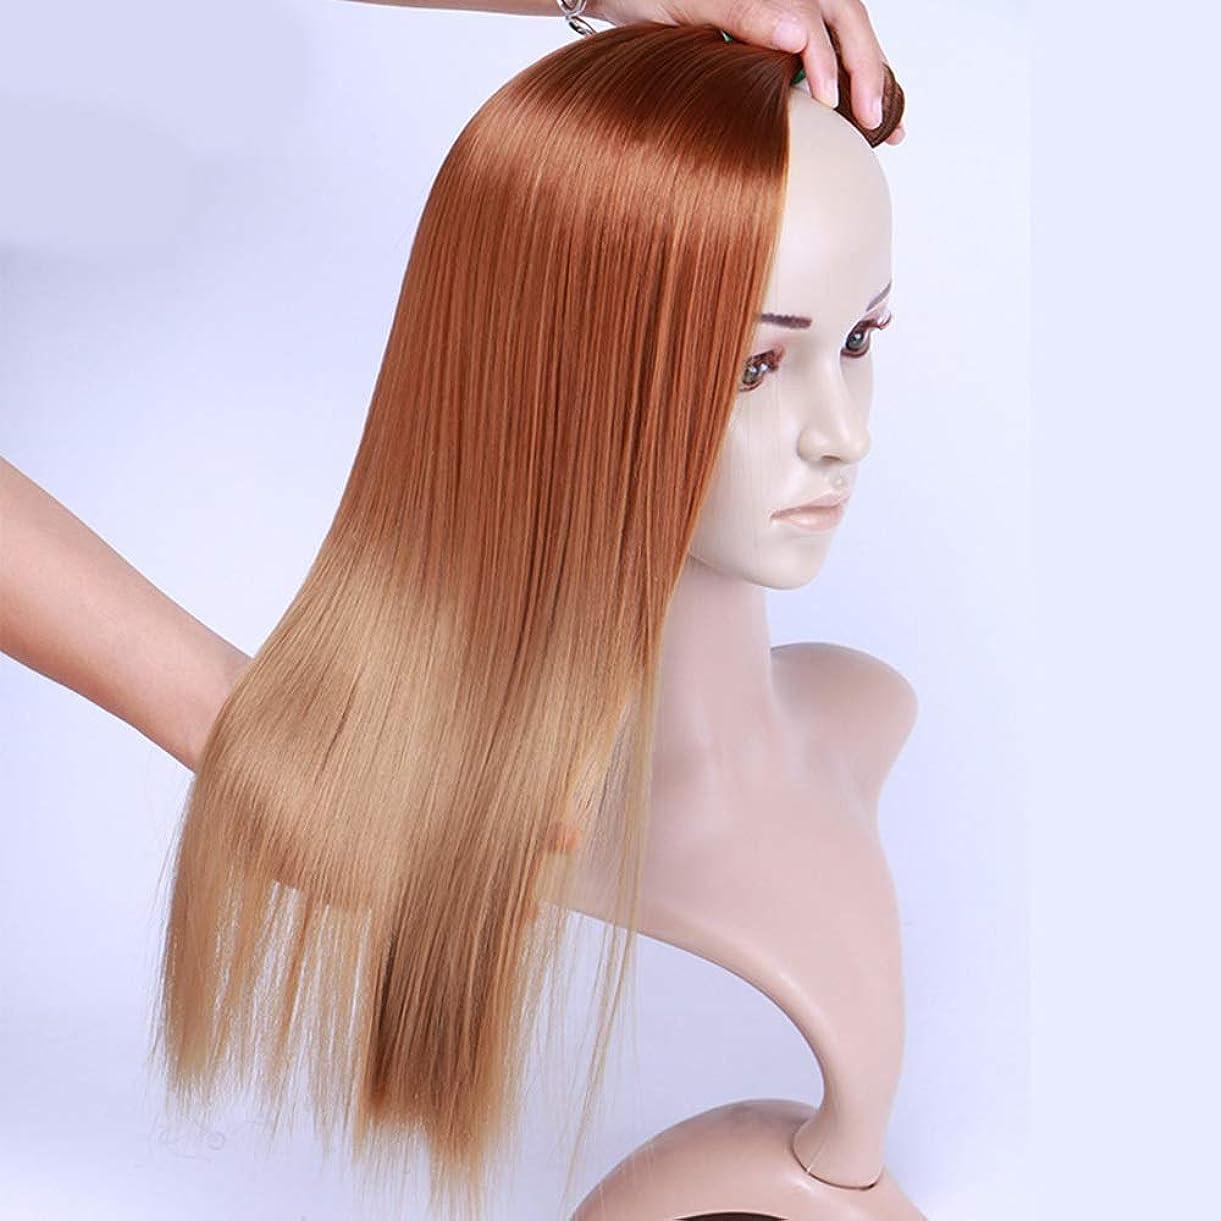 職業ネックレット浸したBOBIDYEE 絹のようなストレートの髪織り3バンドルヘアエクステンション - 女性のための茶色がかった黄色の人工毛レースのかつらロールプレイングウィッグロングとショートの女性自然 (色 : Brownish yellow, サイズ : 18